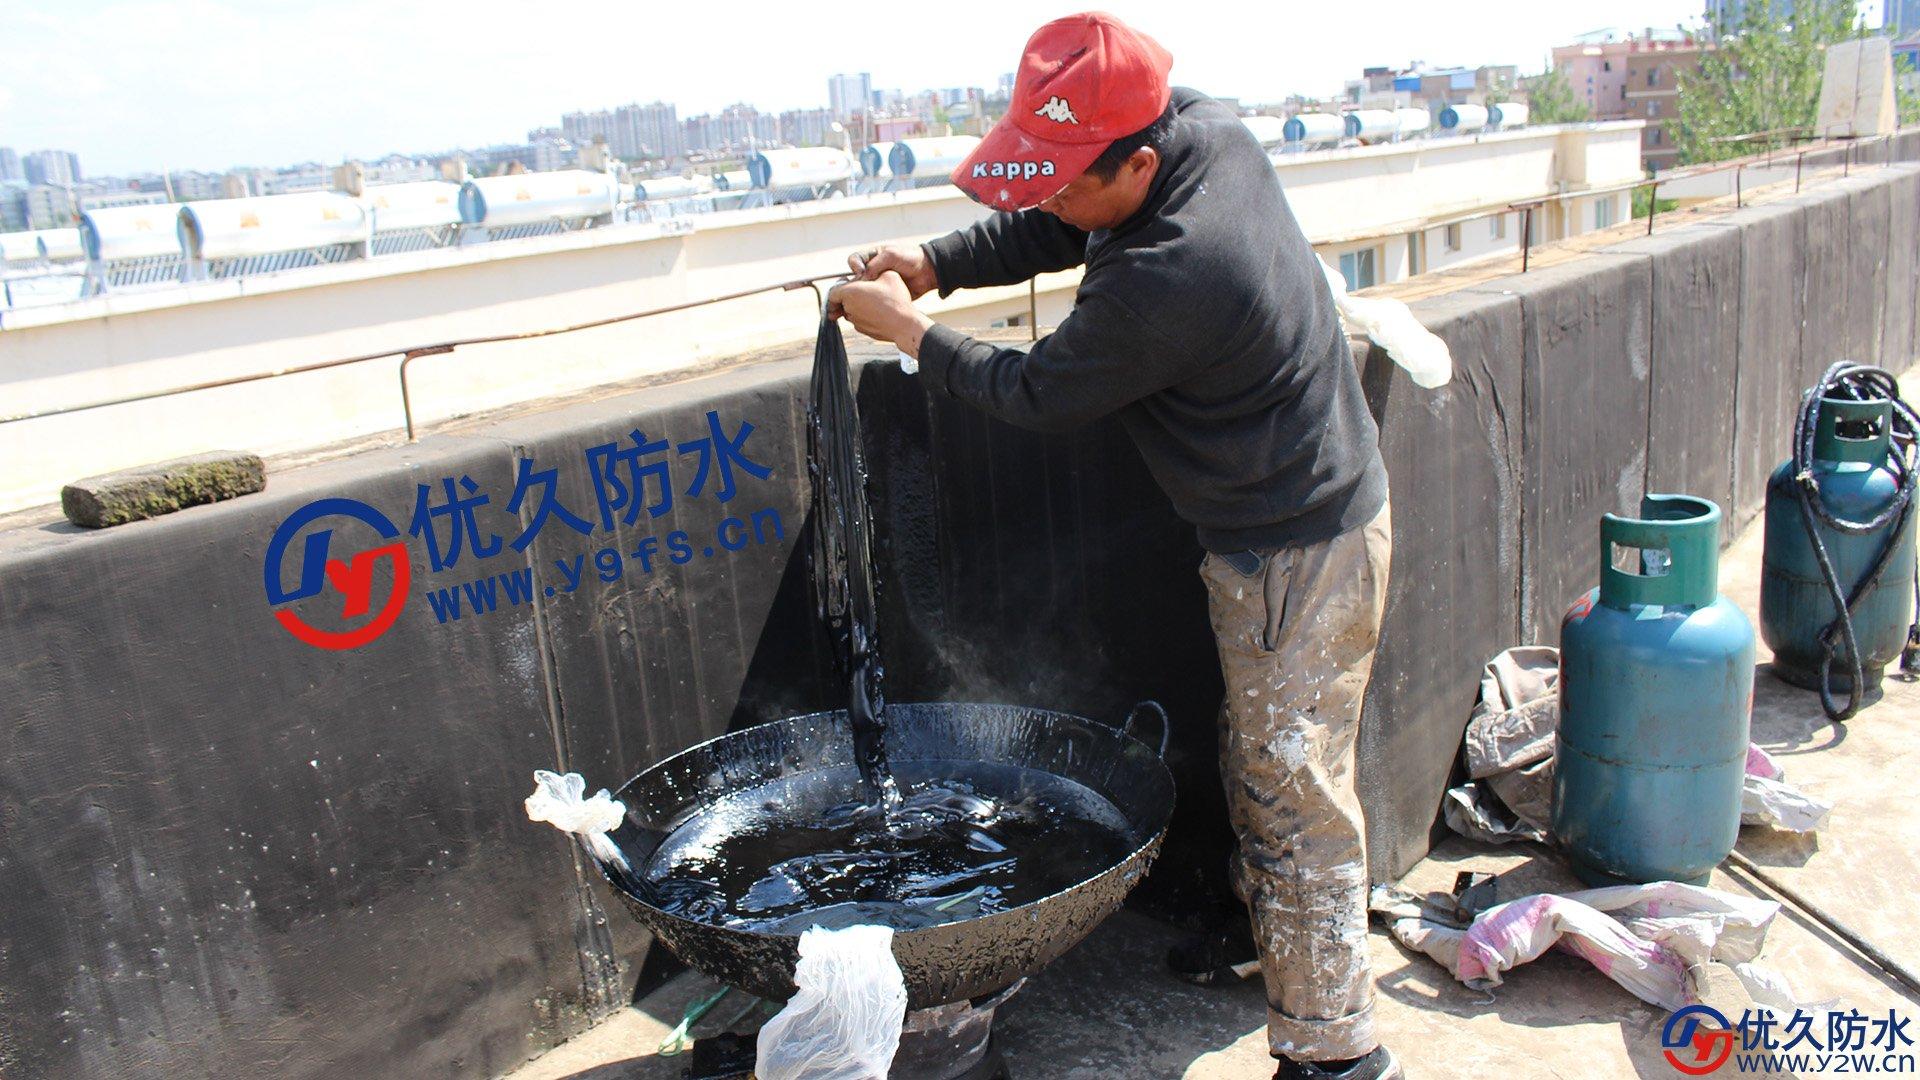 用大锅熬油膏,并且选择的是饭店用的大型液化气灶